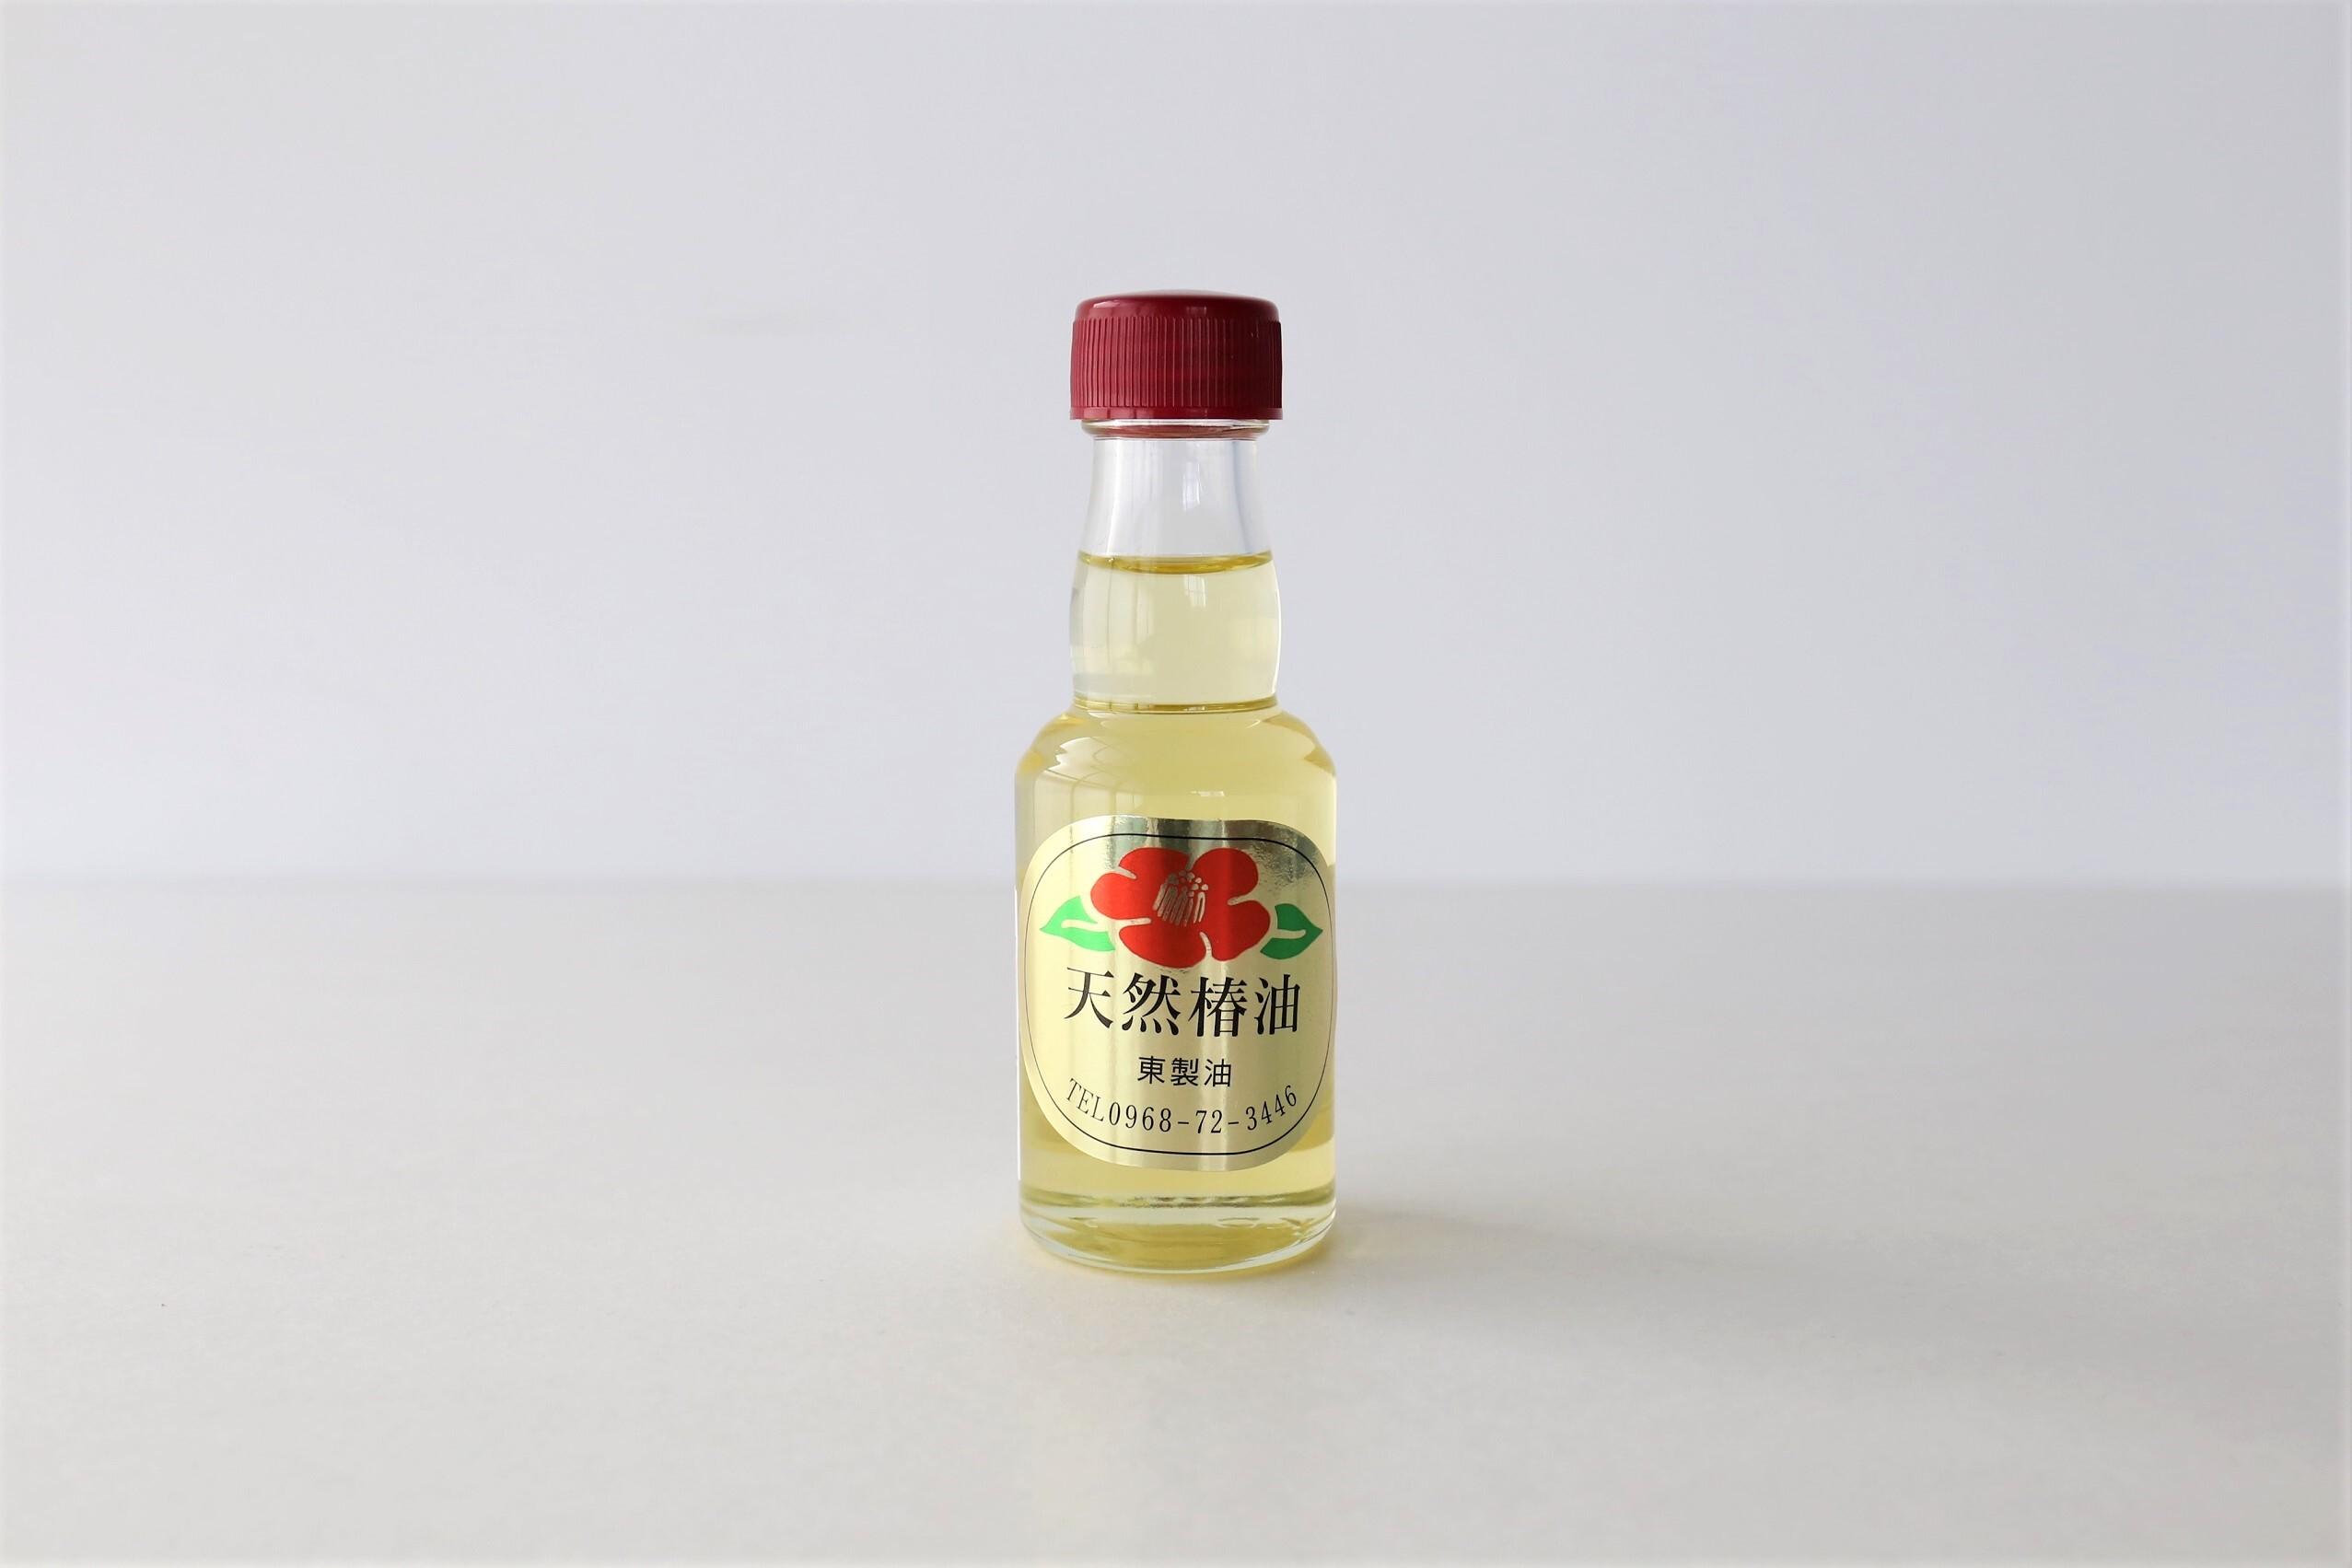 別府つげ工芸 椿油(つげブラシお手入れ用)